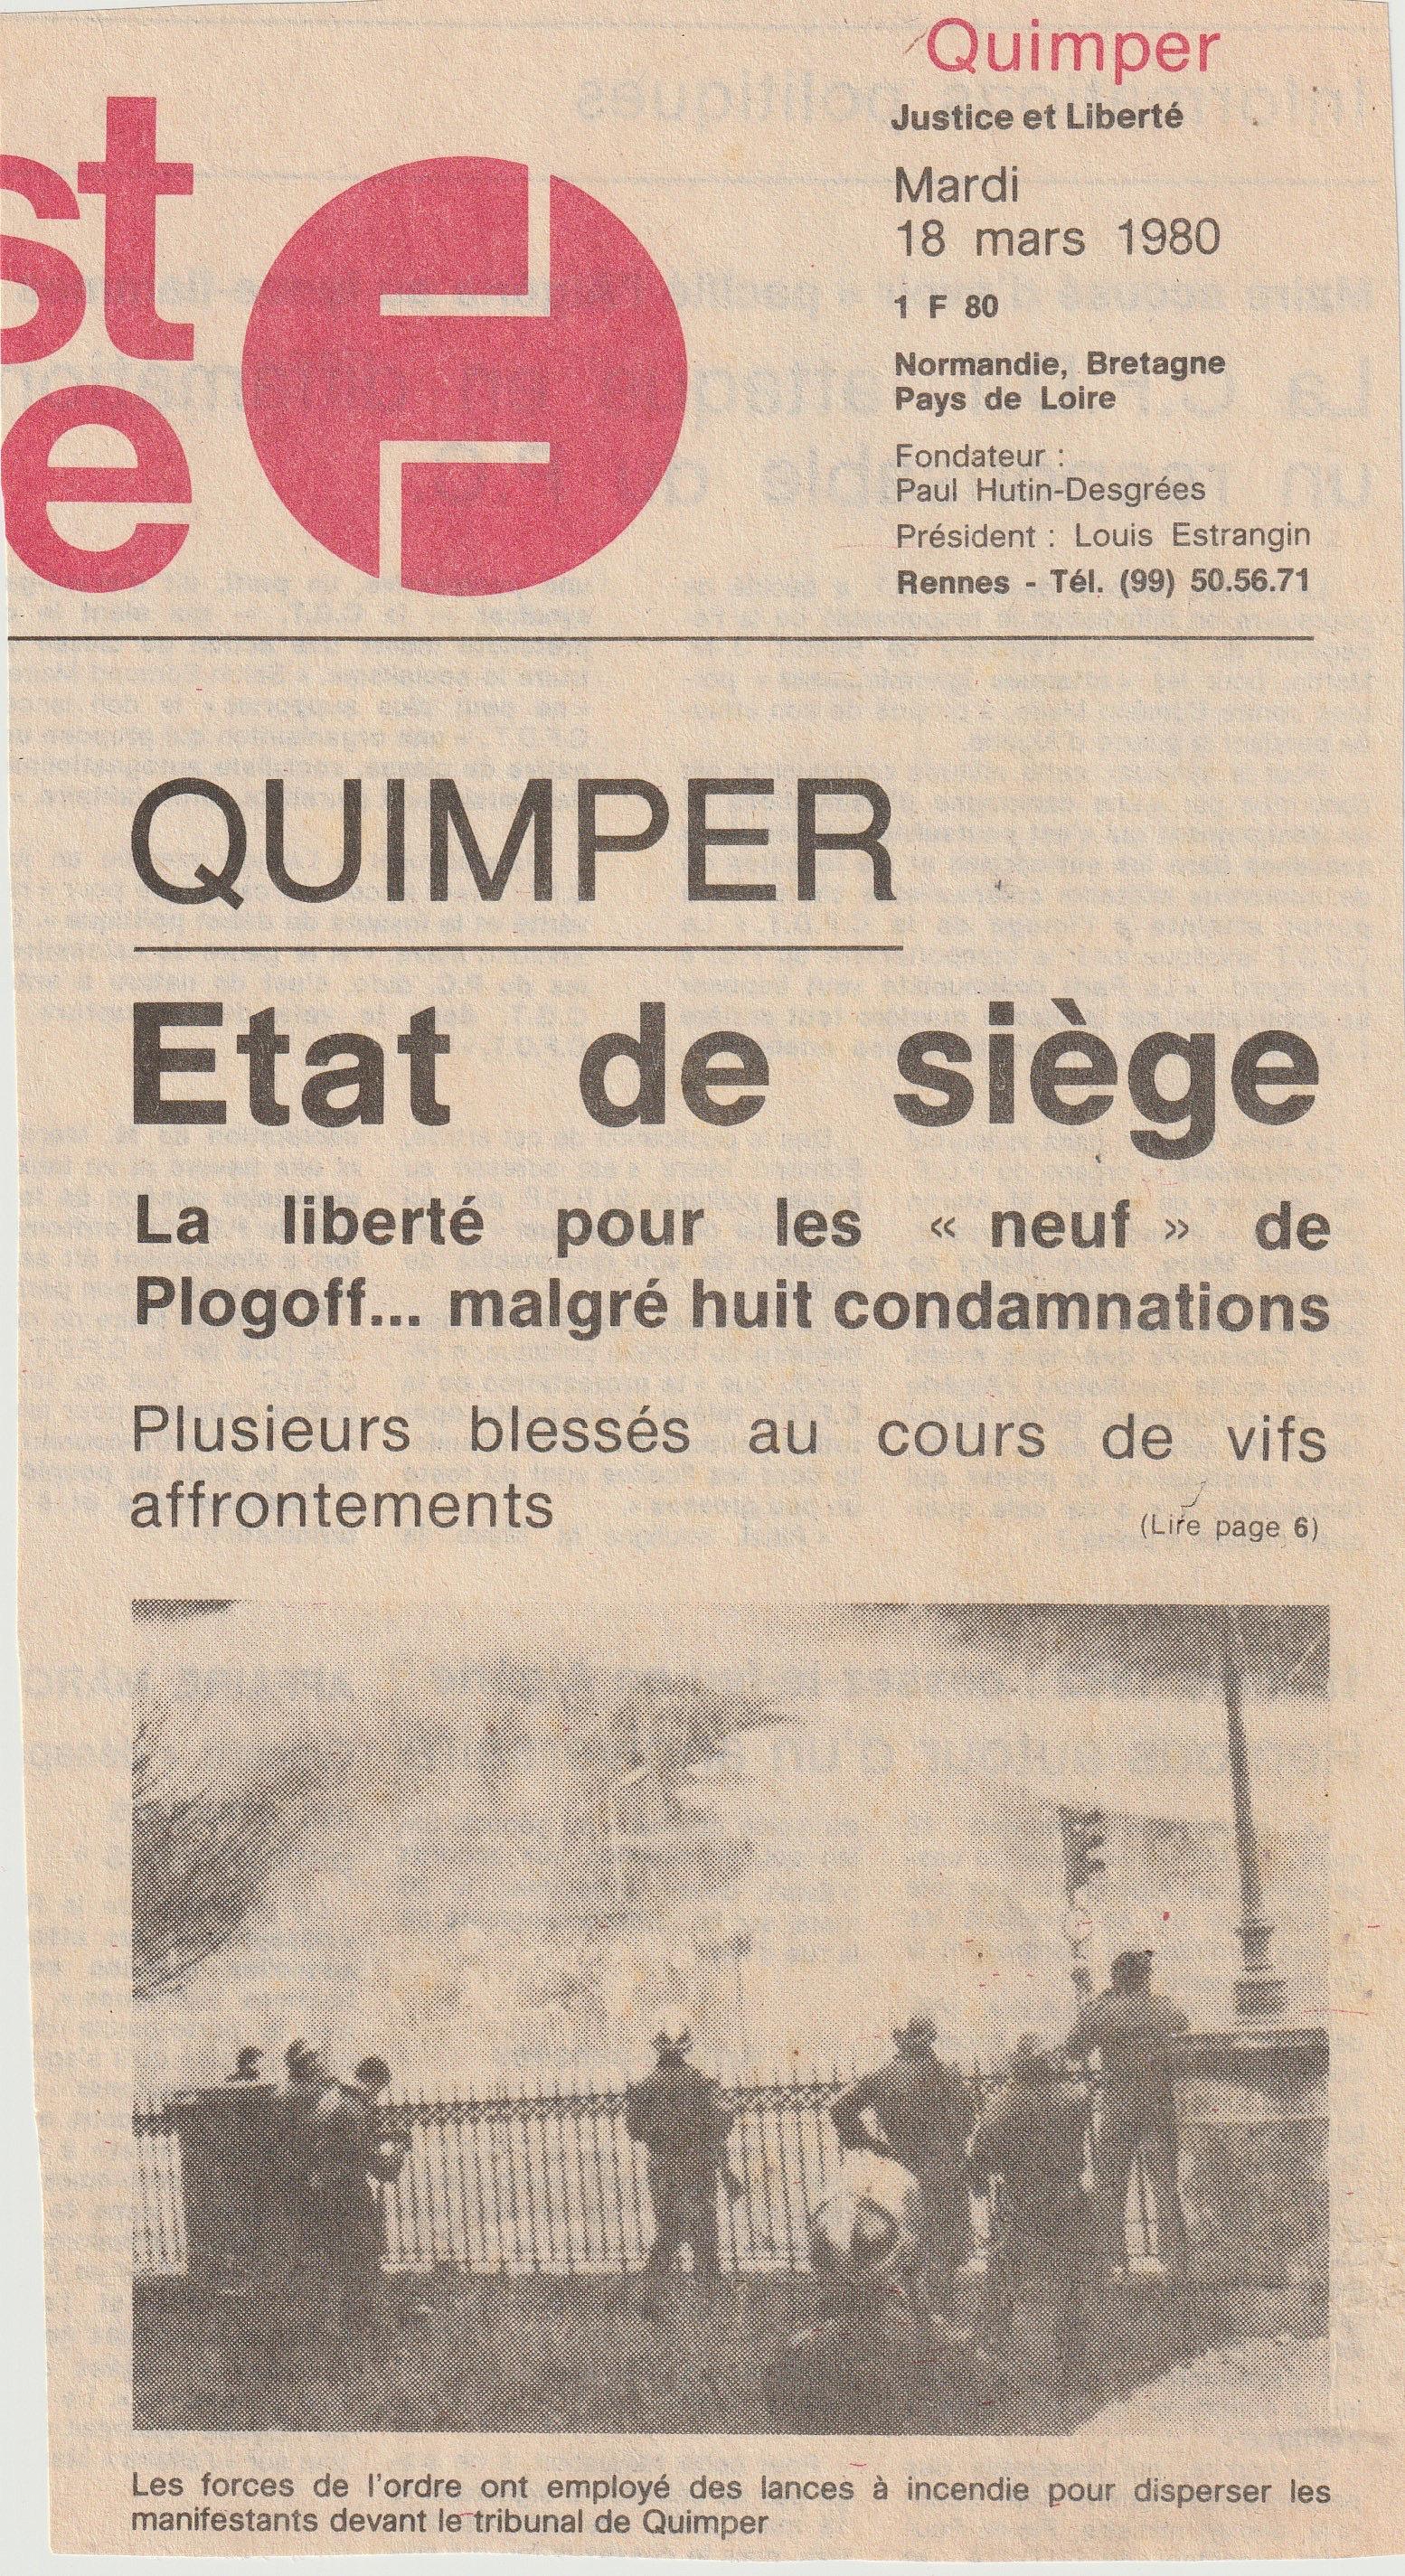 Enquête_Etat_de_siège_18-03-1980